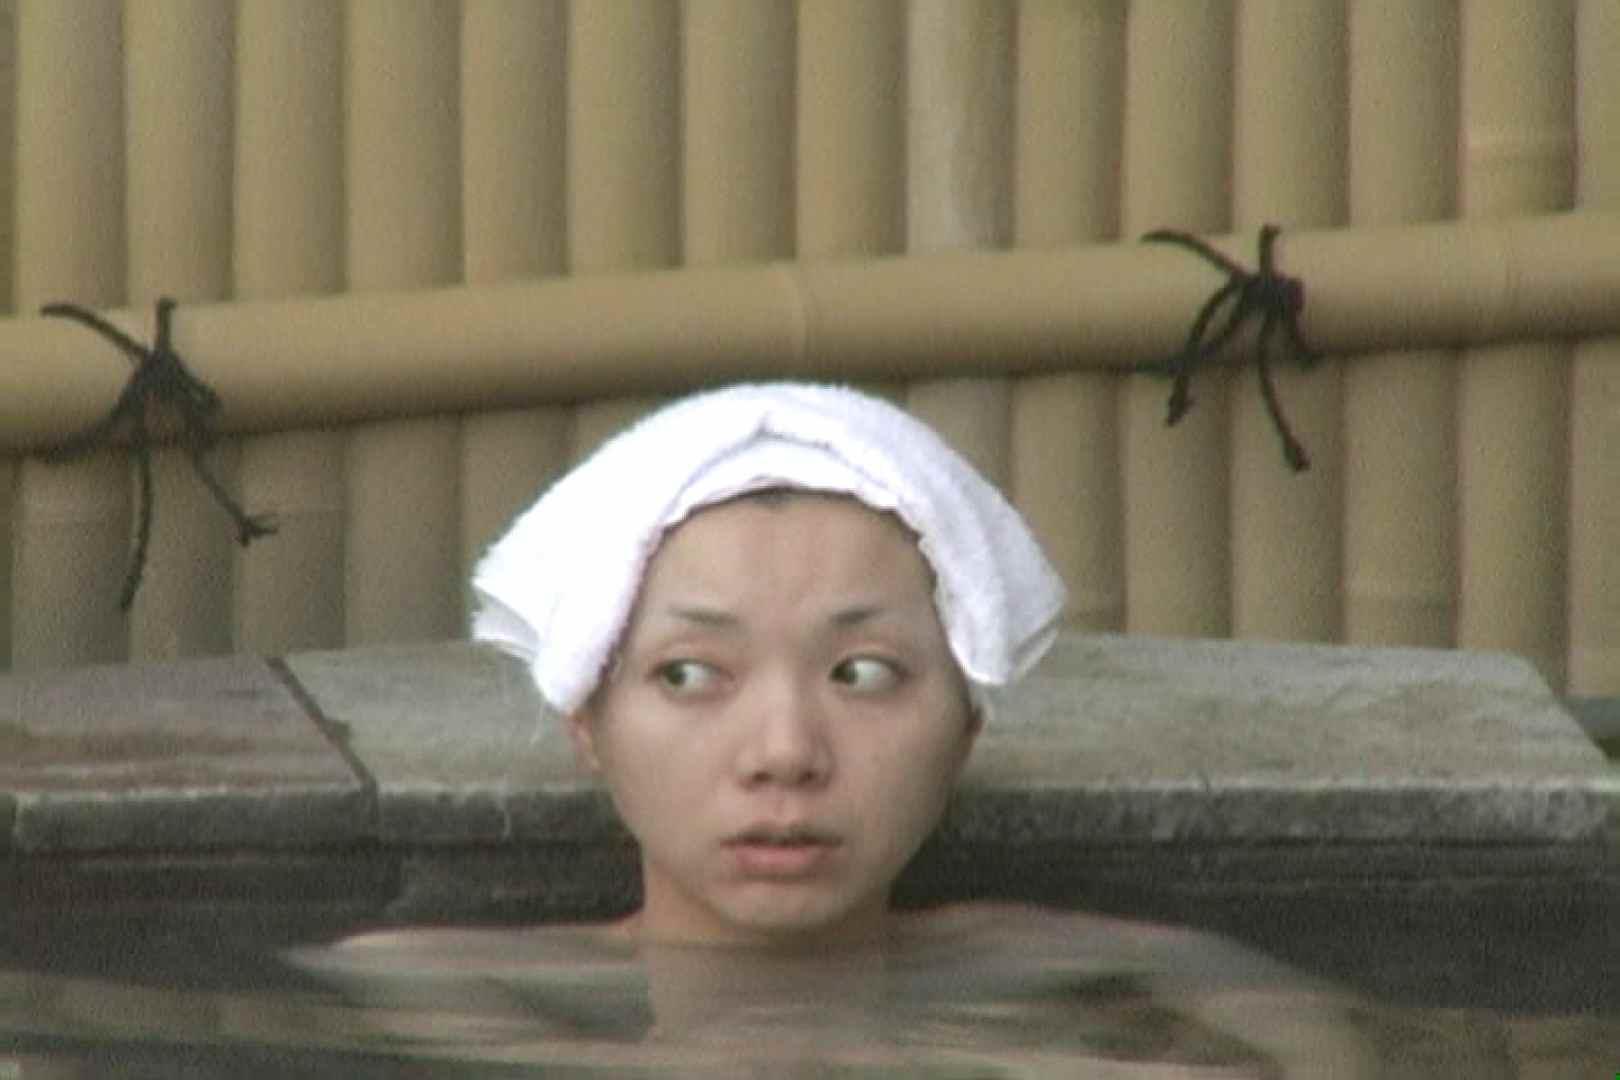 Aquaな露天風呂Vol.630 OLエロ画像 | 盗撮  110PICs 49